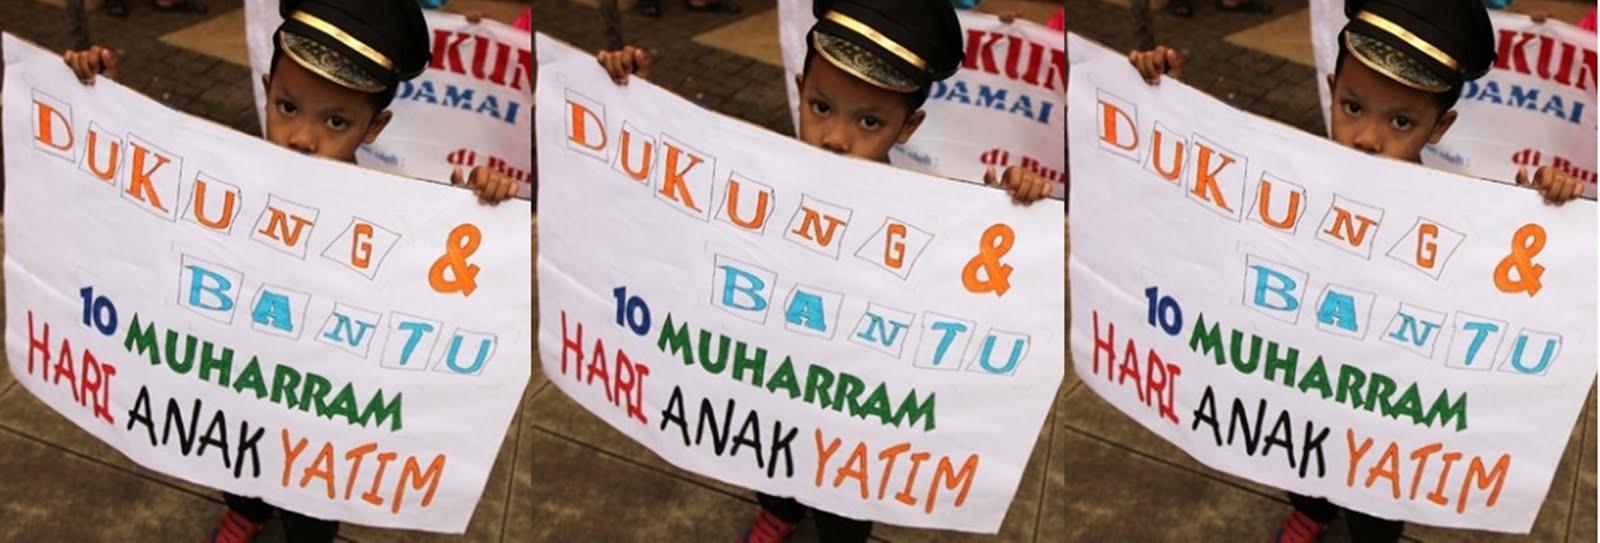 10 Muharram